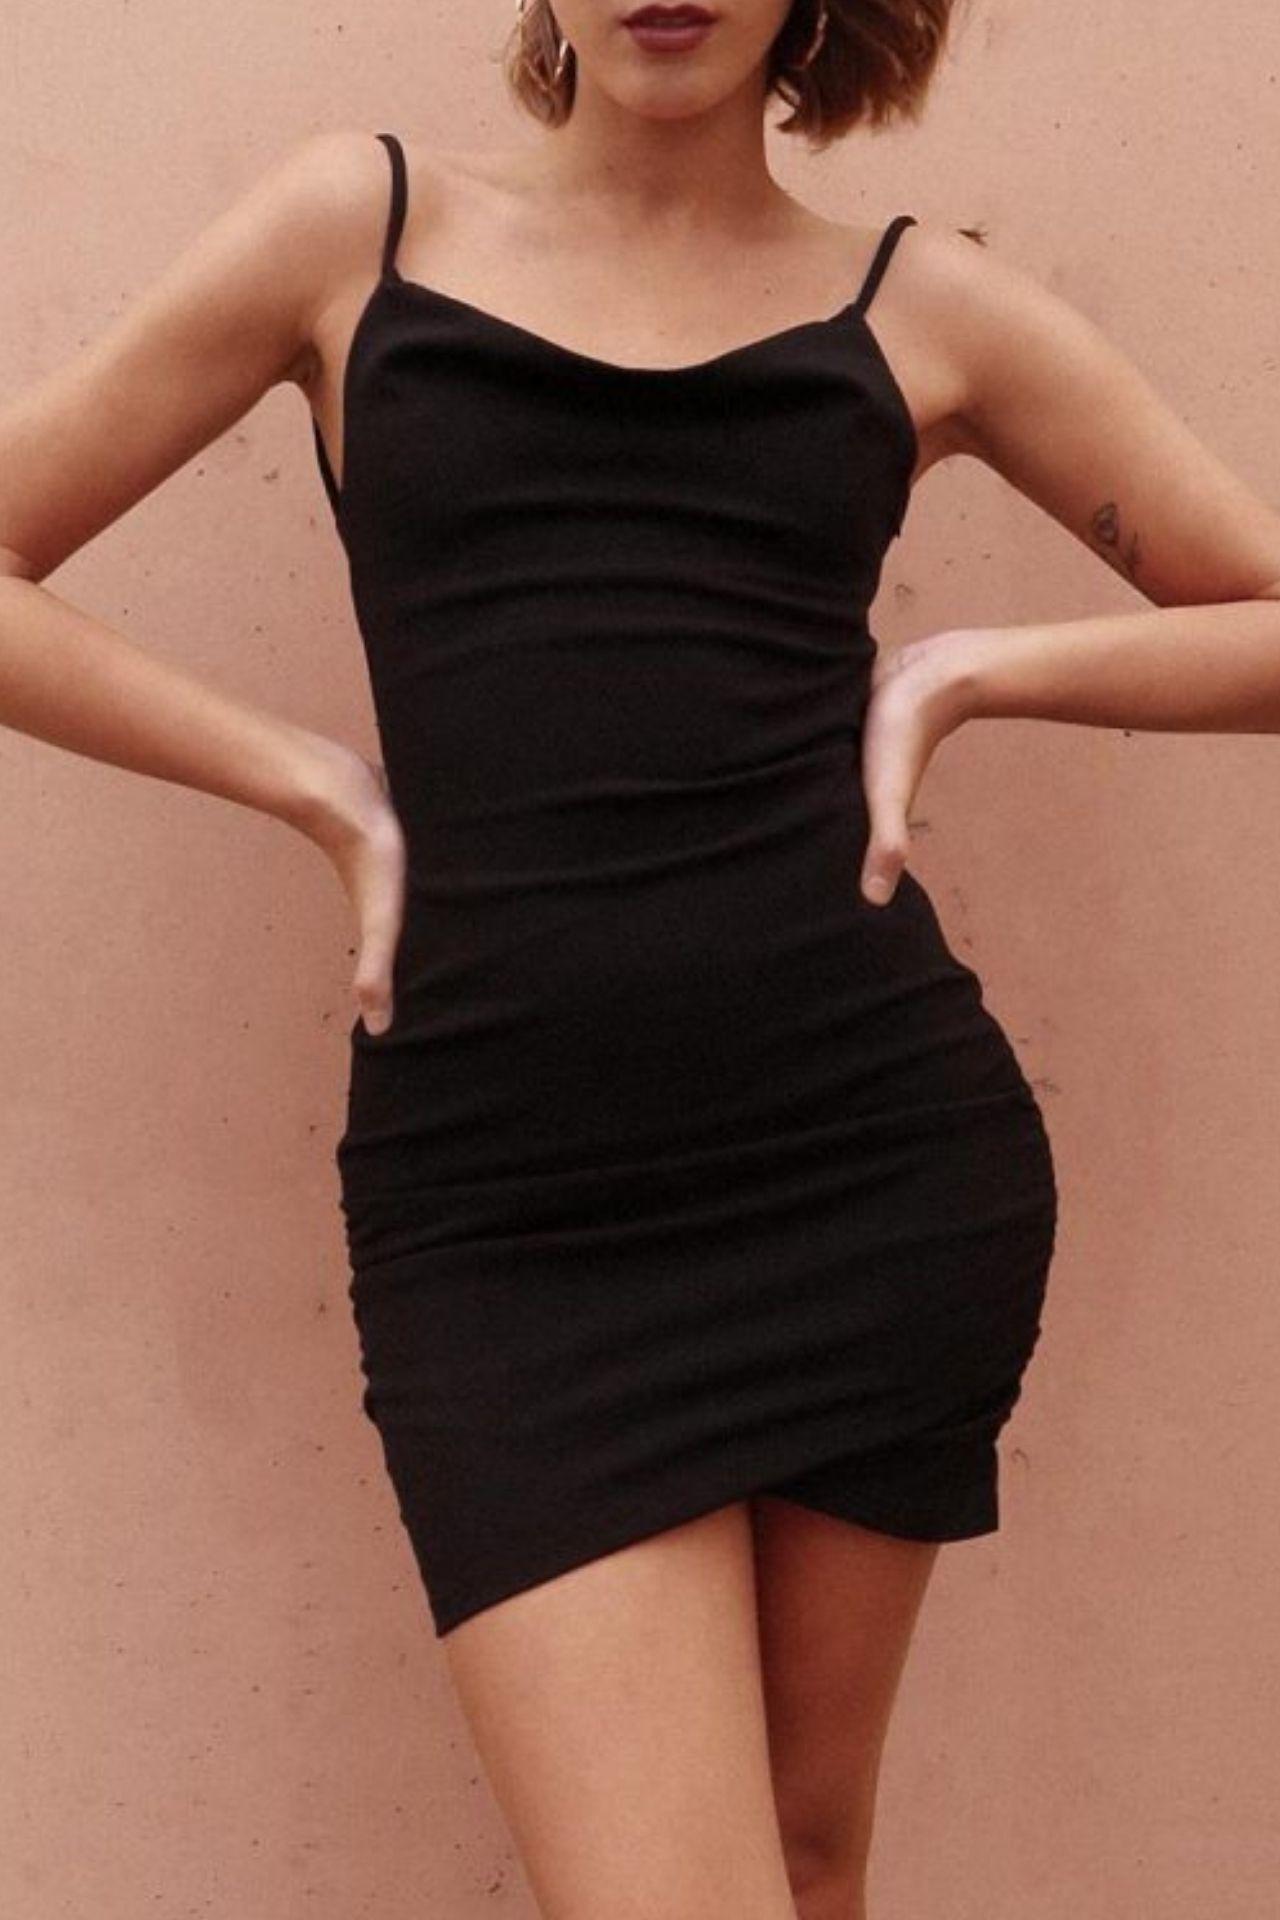 Vestido de tiras con silueta mini, ceñido al cuerpo.  Detalles: • Escote recto • Cierre invisible en espalda • 100% poliester.